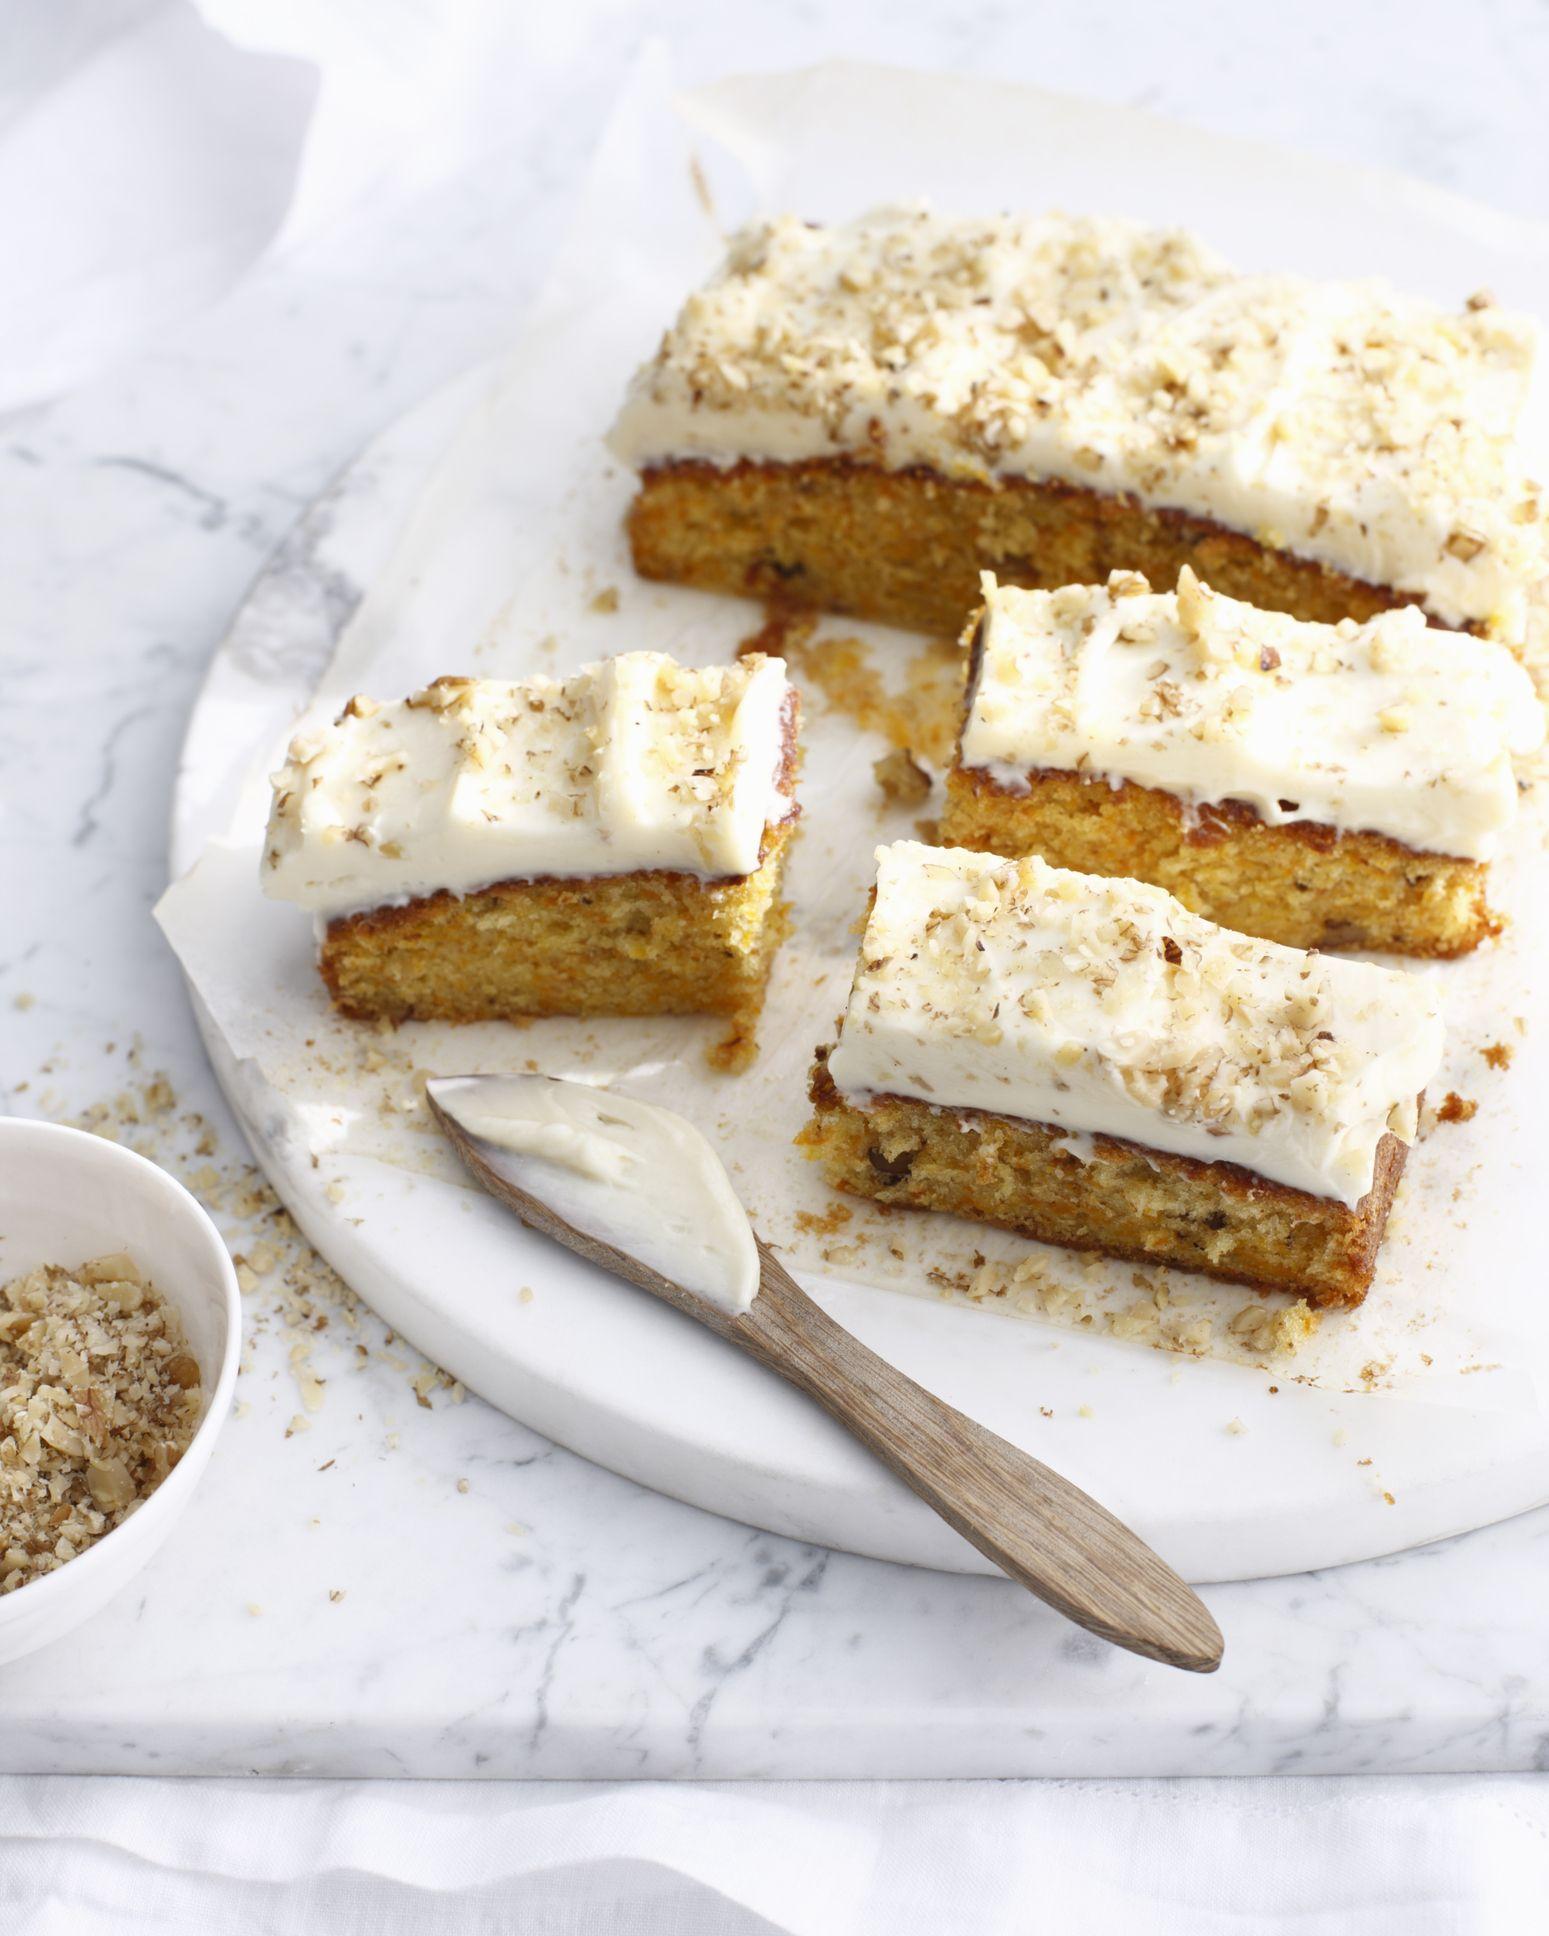 Il dolce-icona dell'autunno? La torta di carote, da preparare con la nostra ricetta top senza burro